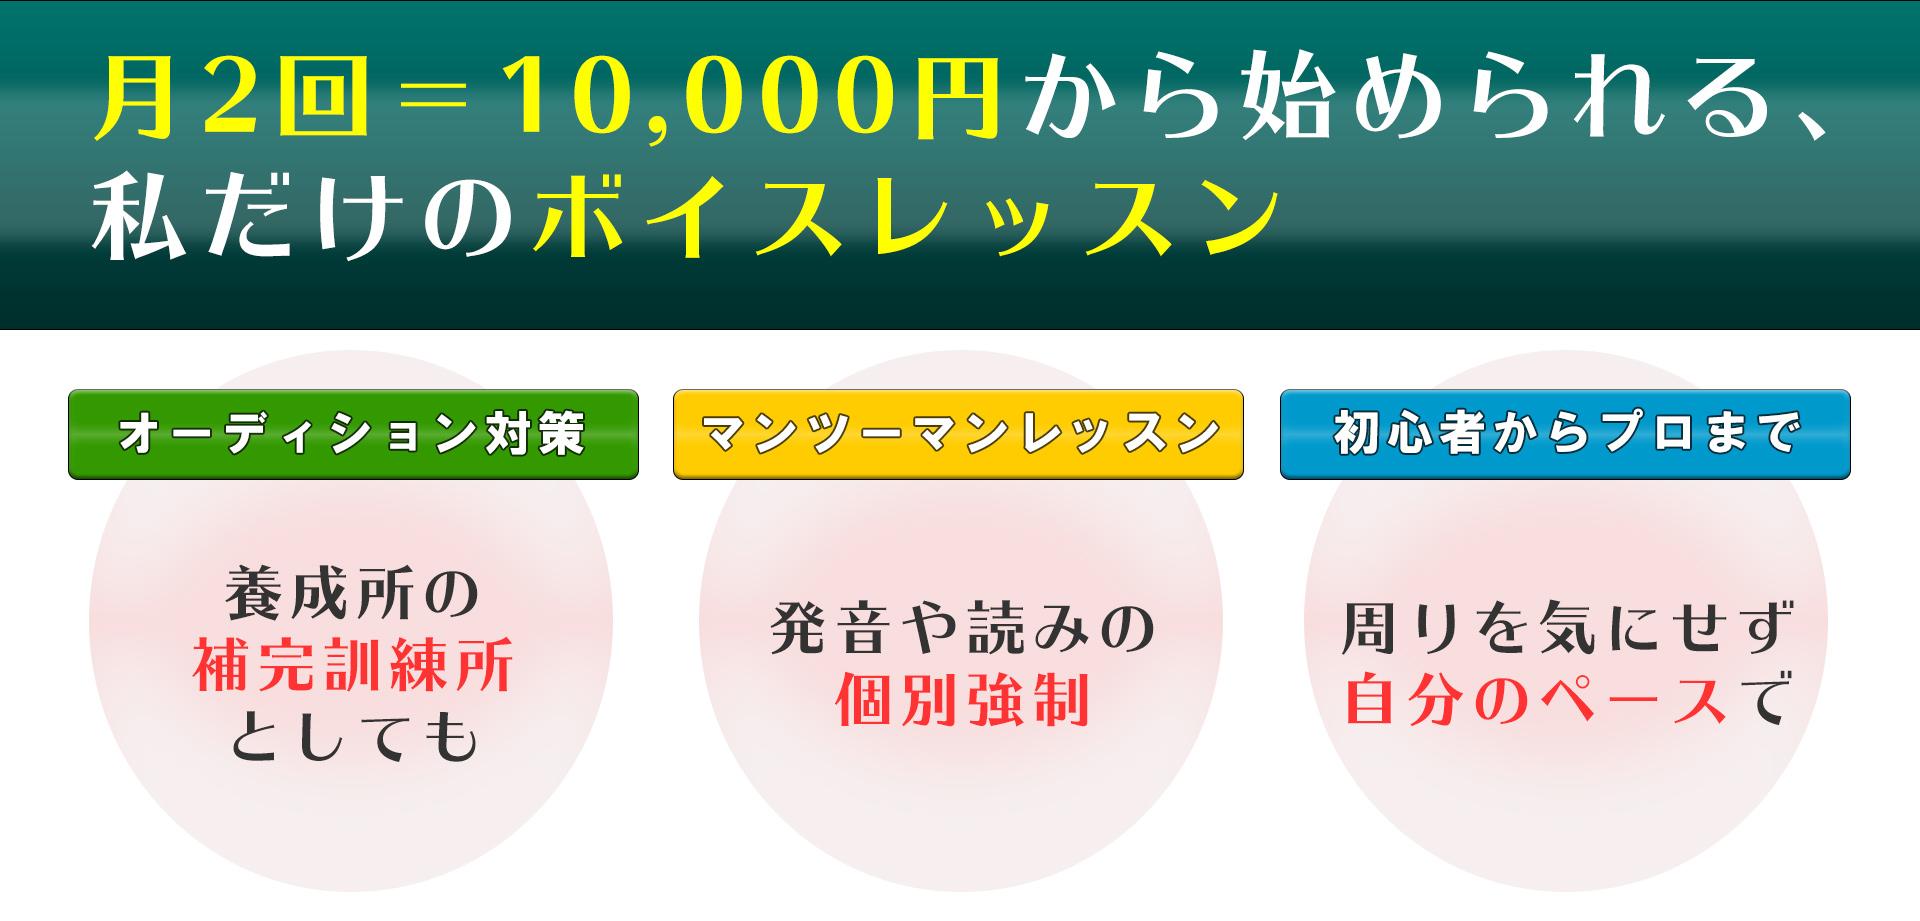 月2回、10,000円から始められるボイスレッスン